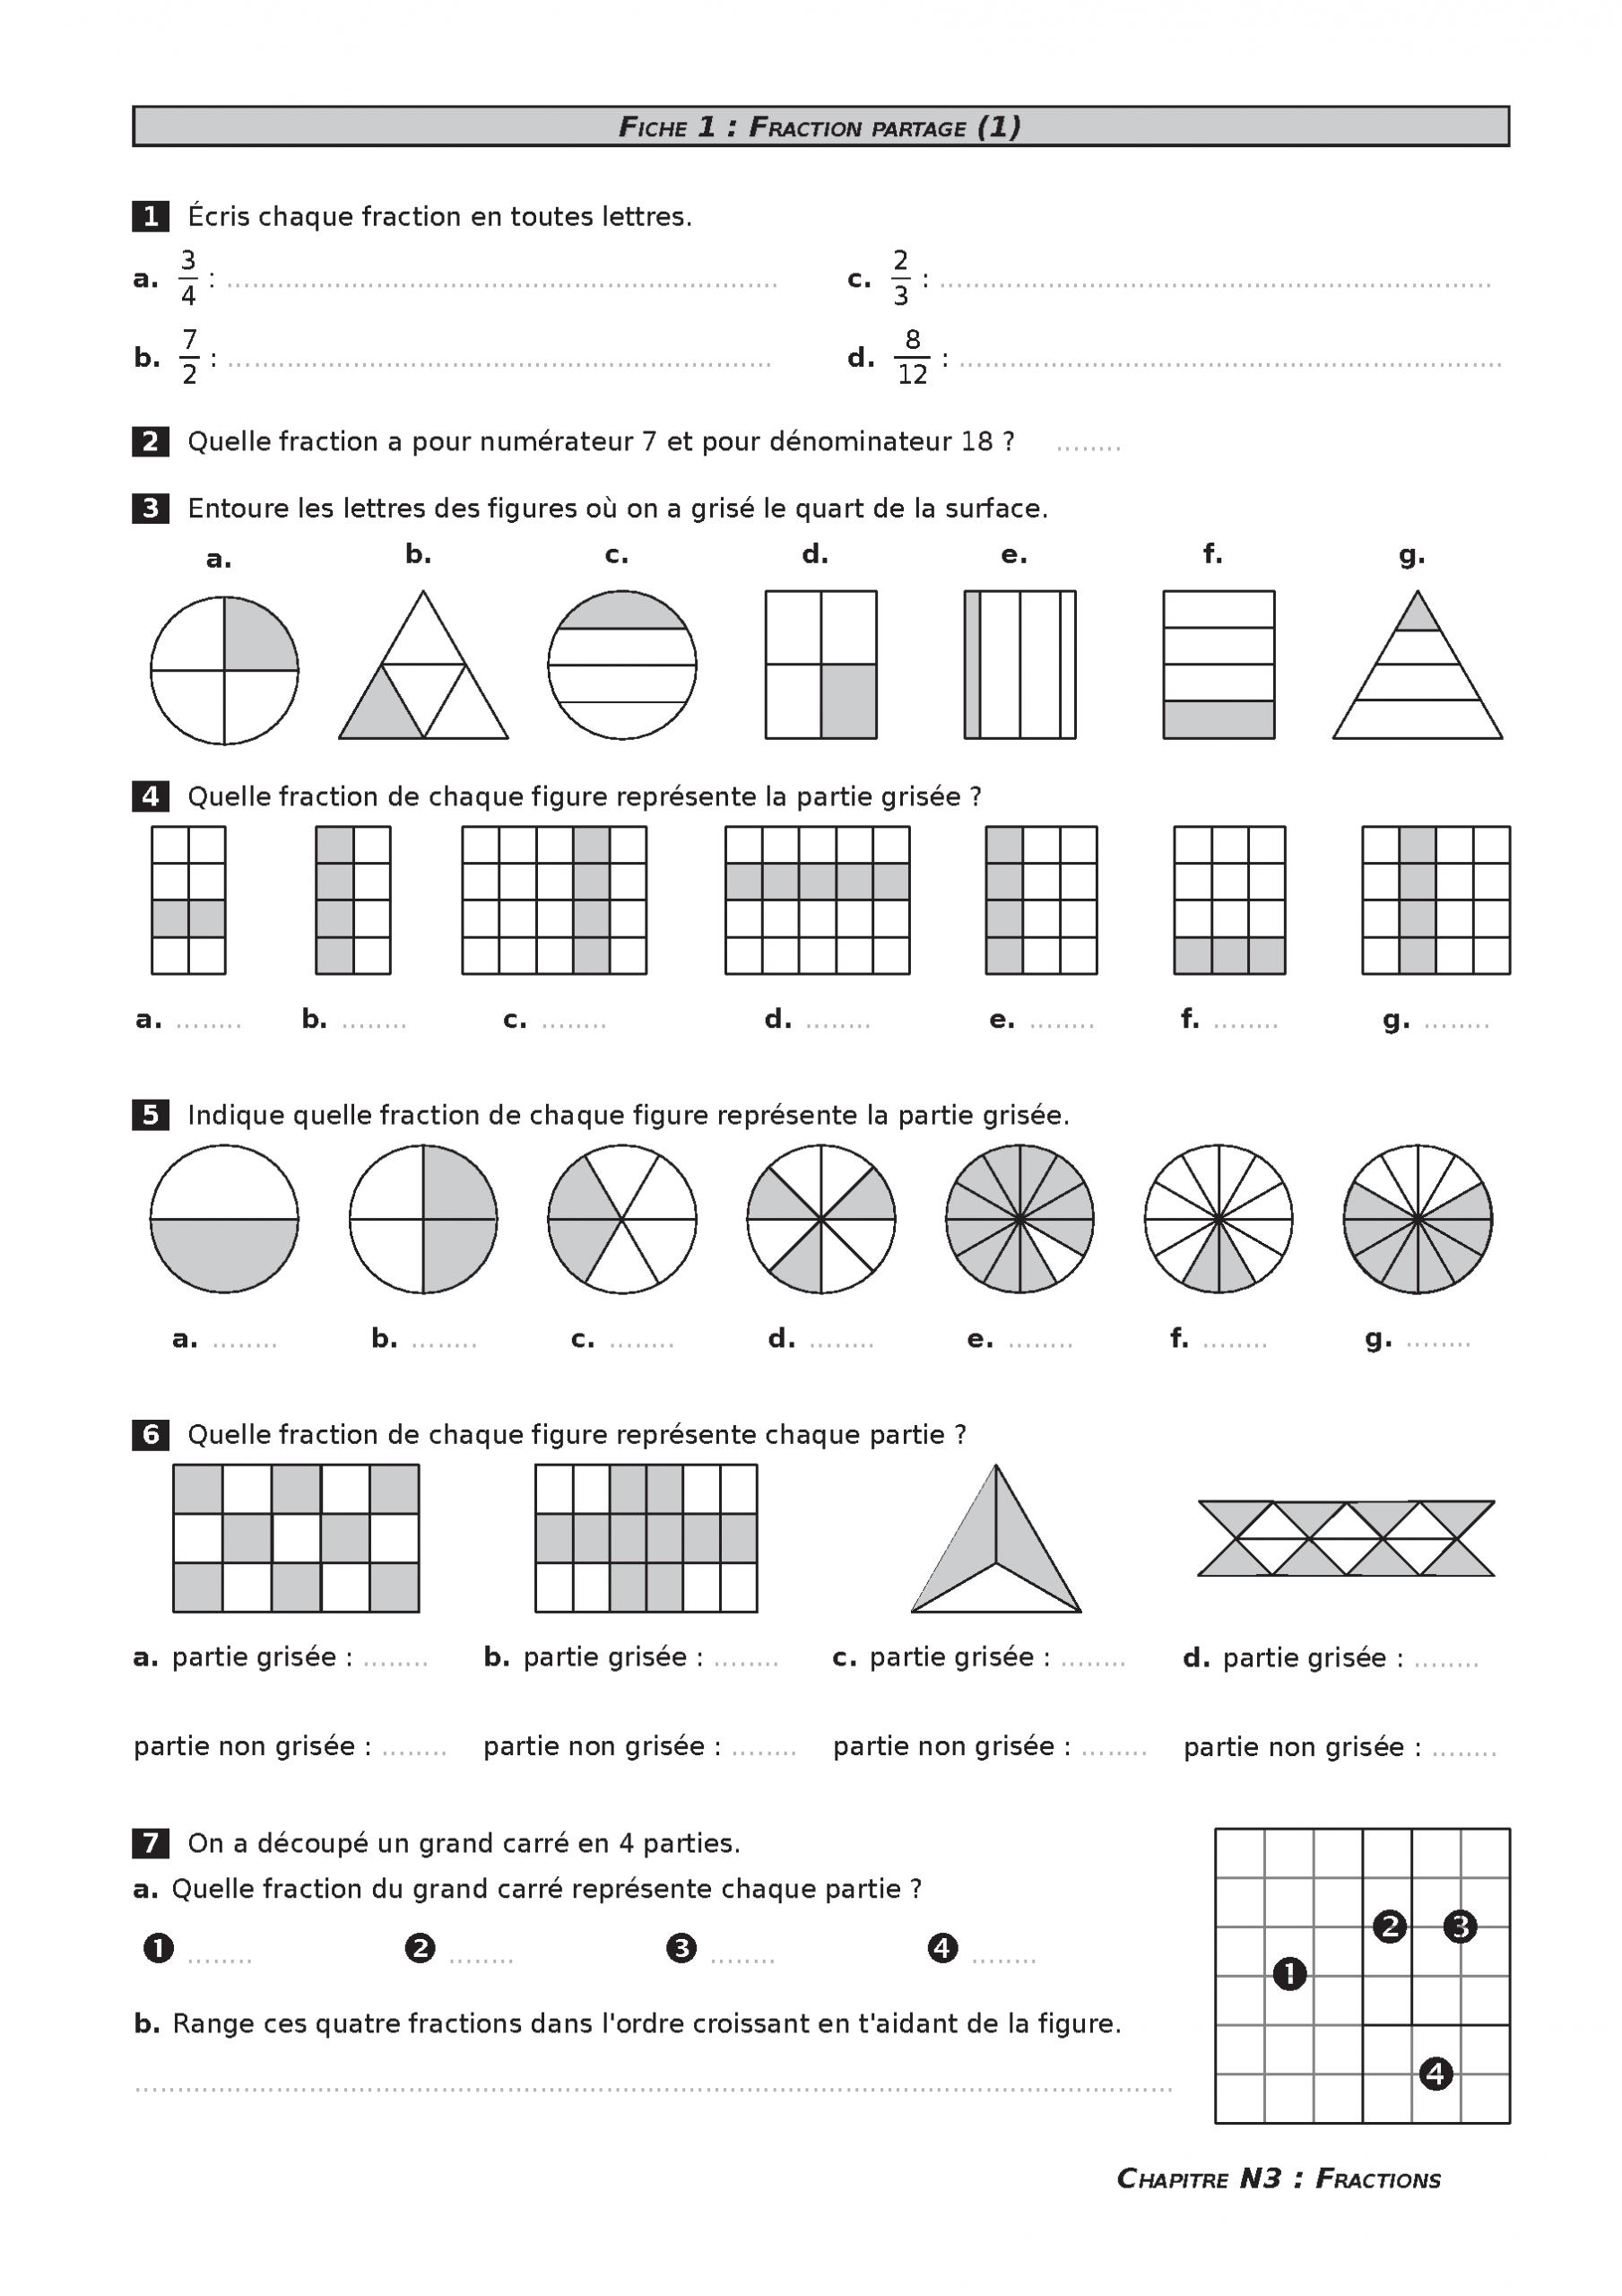 Fichier De Mathématiques Très Complet À Télécharger encequiconcerne Exercice Gratuit Cm2